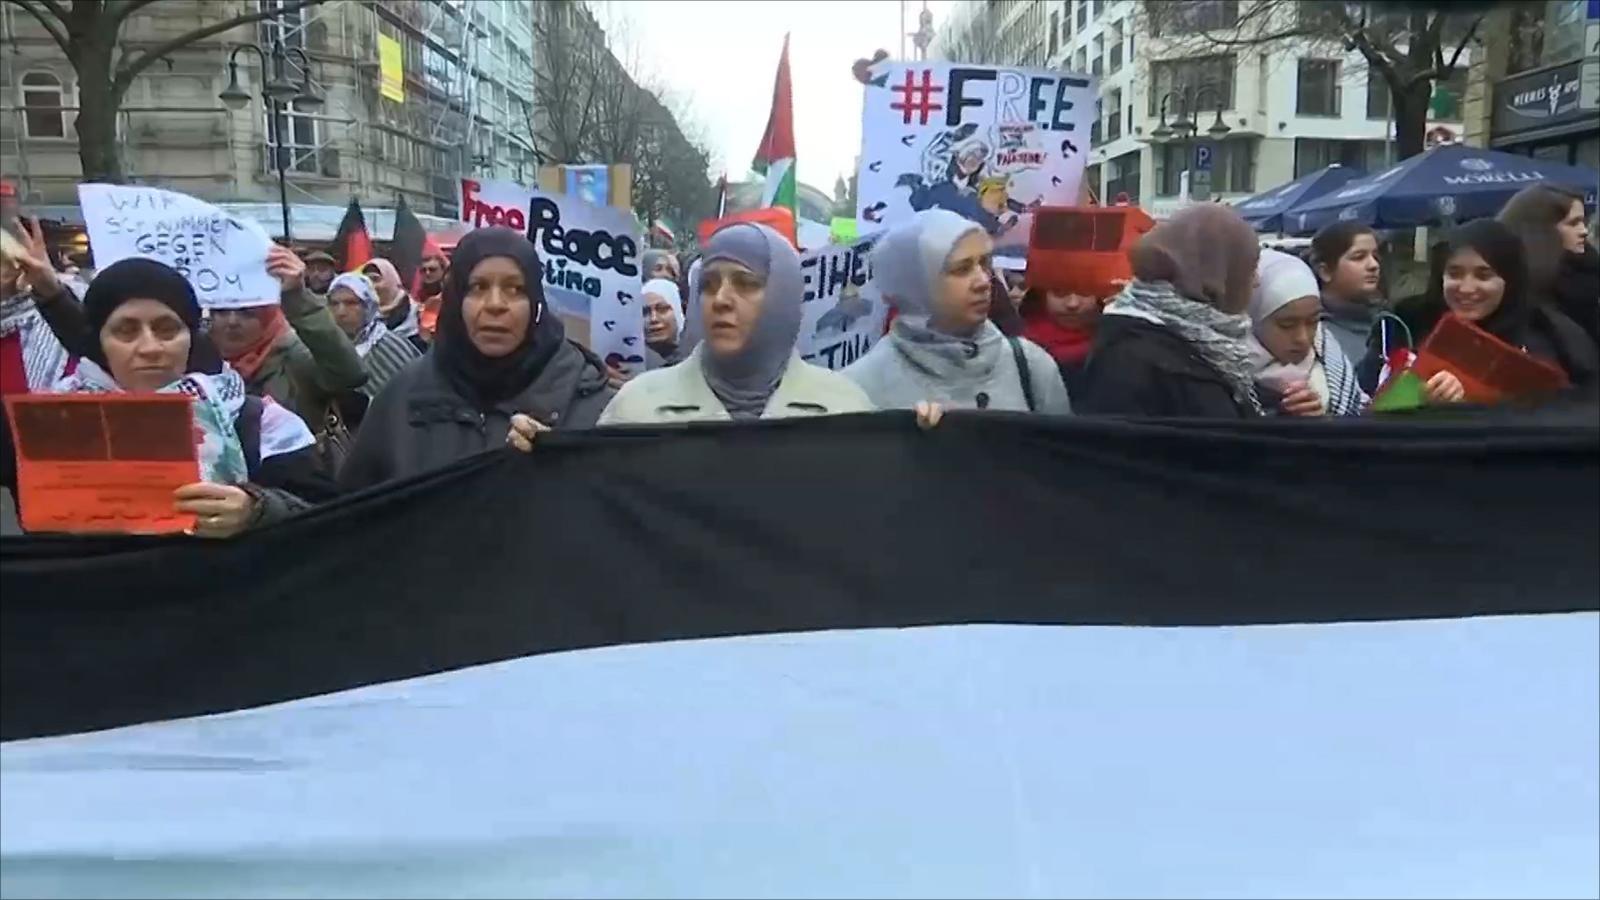 استمرار المظاهرات بمدن عربية وغربية تنديدا بقرار ترمب